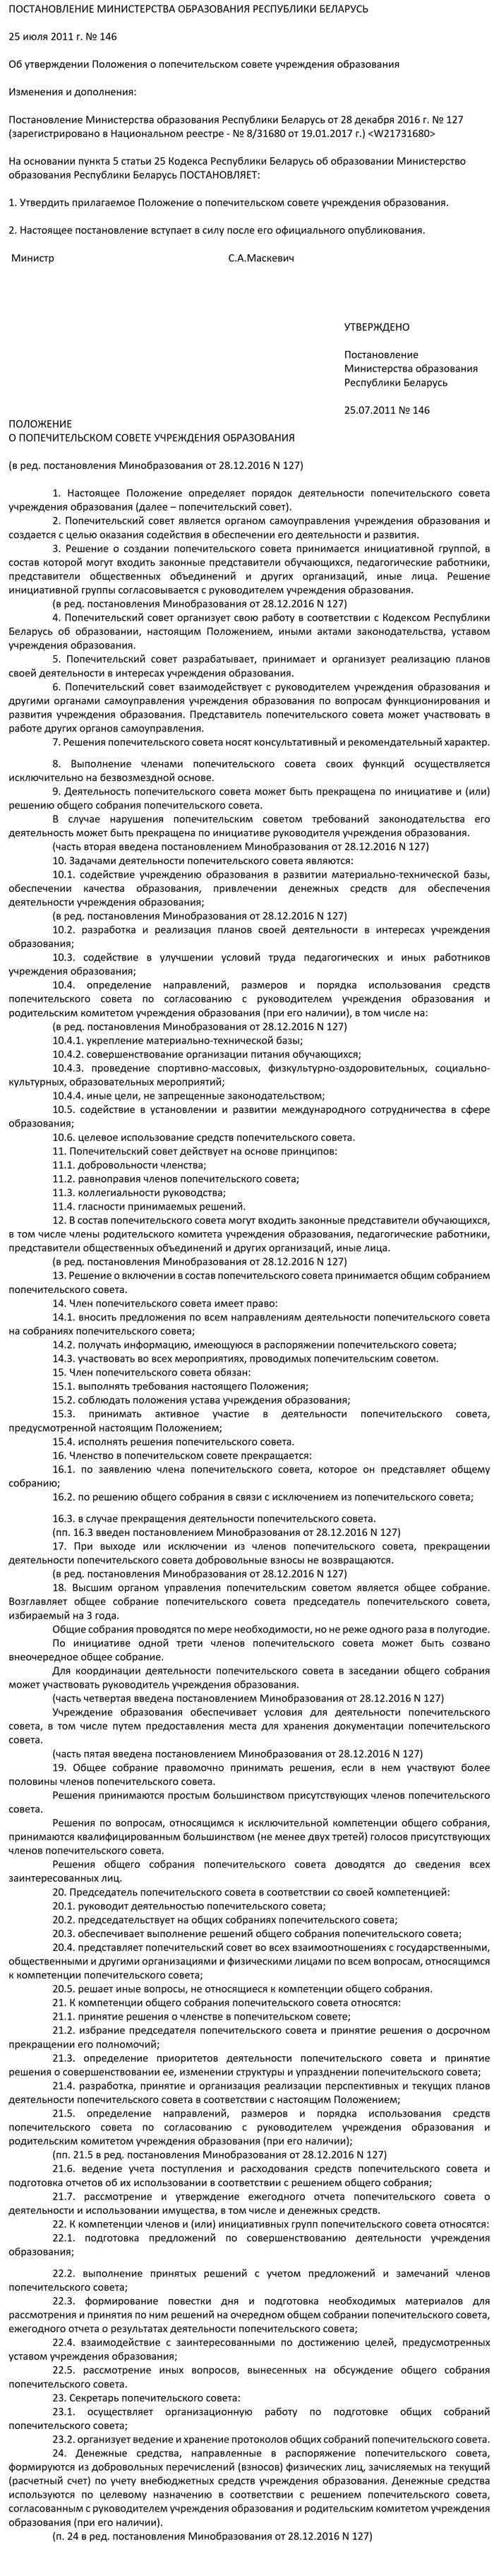 Положение о попечительском совете учреждения образования (в ред. постановления Минобразования от 28.12.2016 N 127)